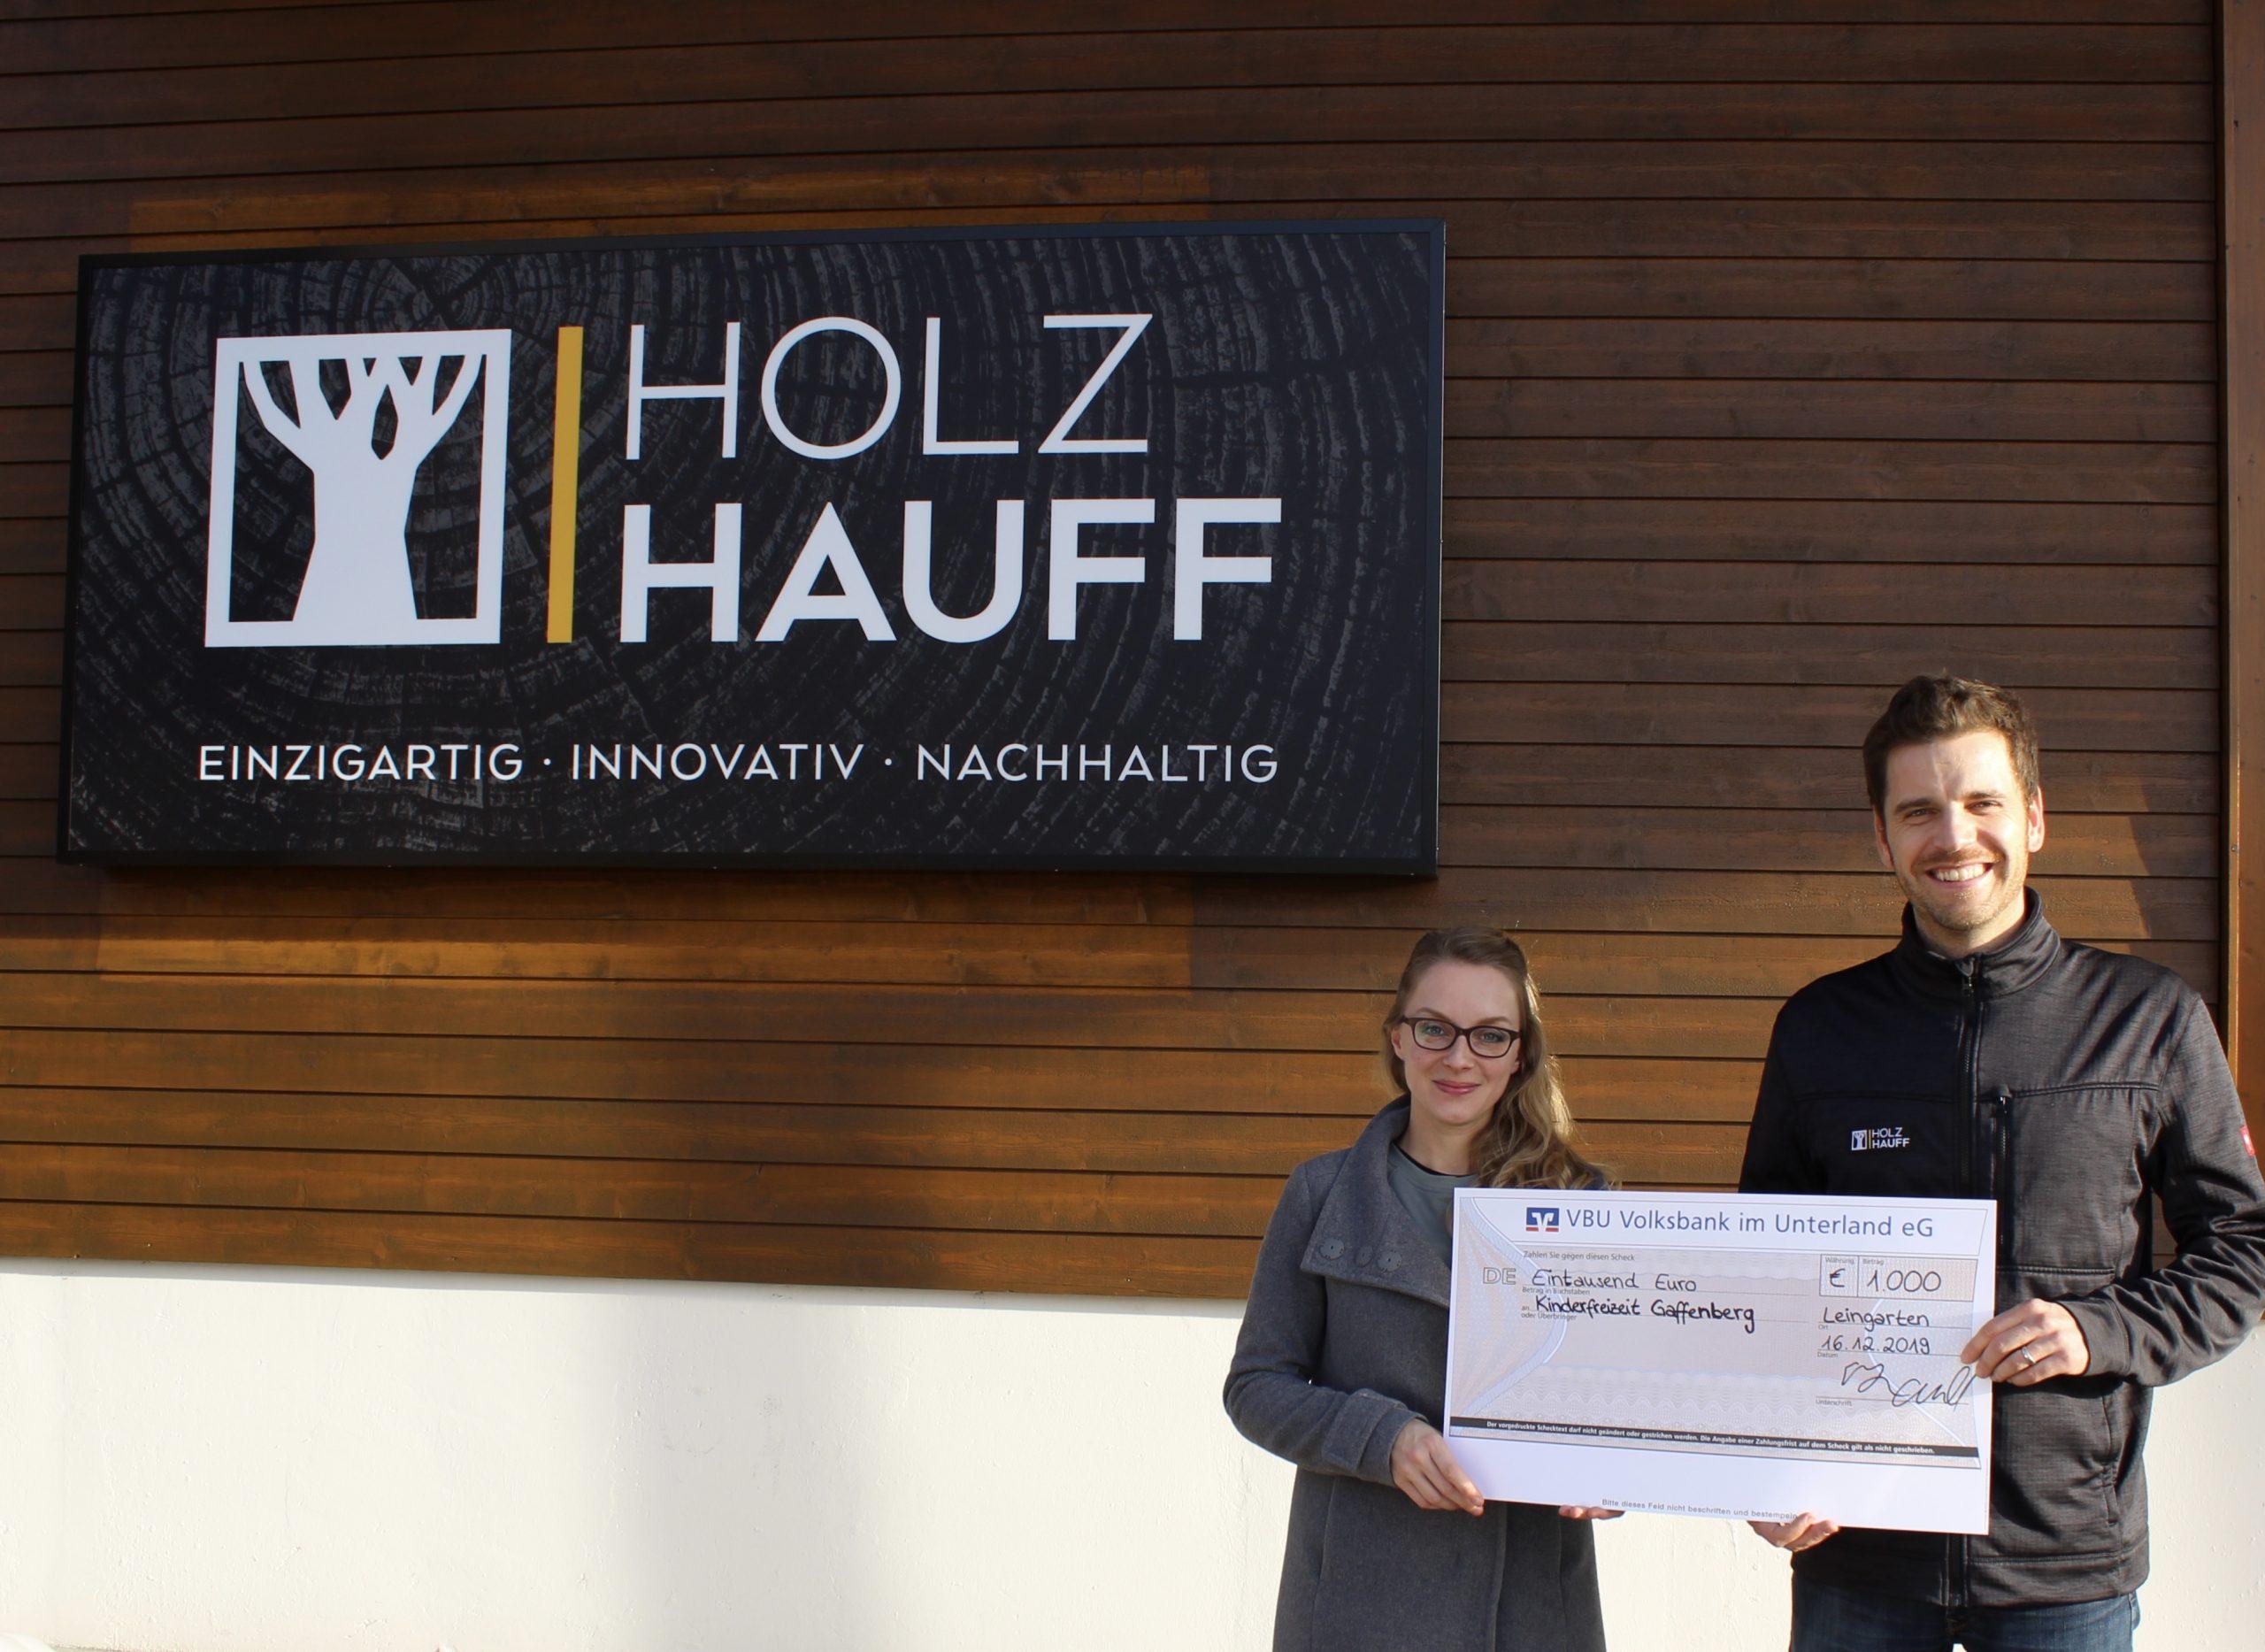 Weihnachtsspende für Gaffenberg | Holz-Hauff GmbH in Leingarten